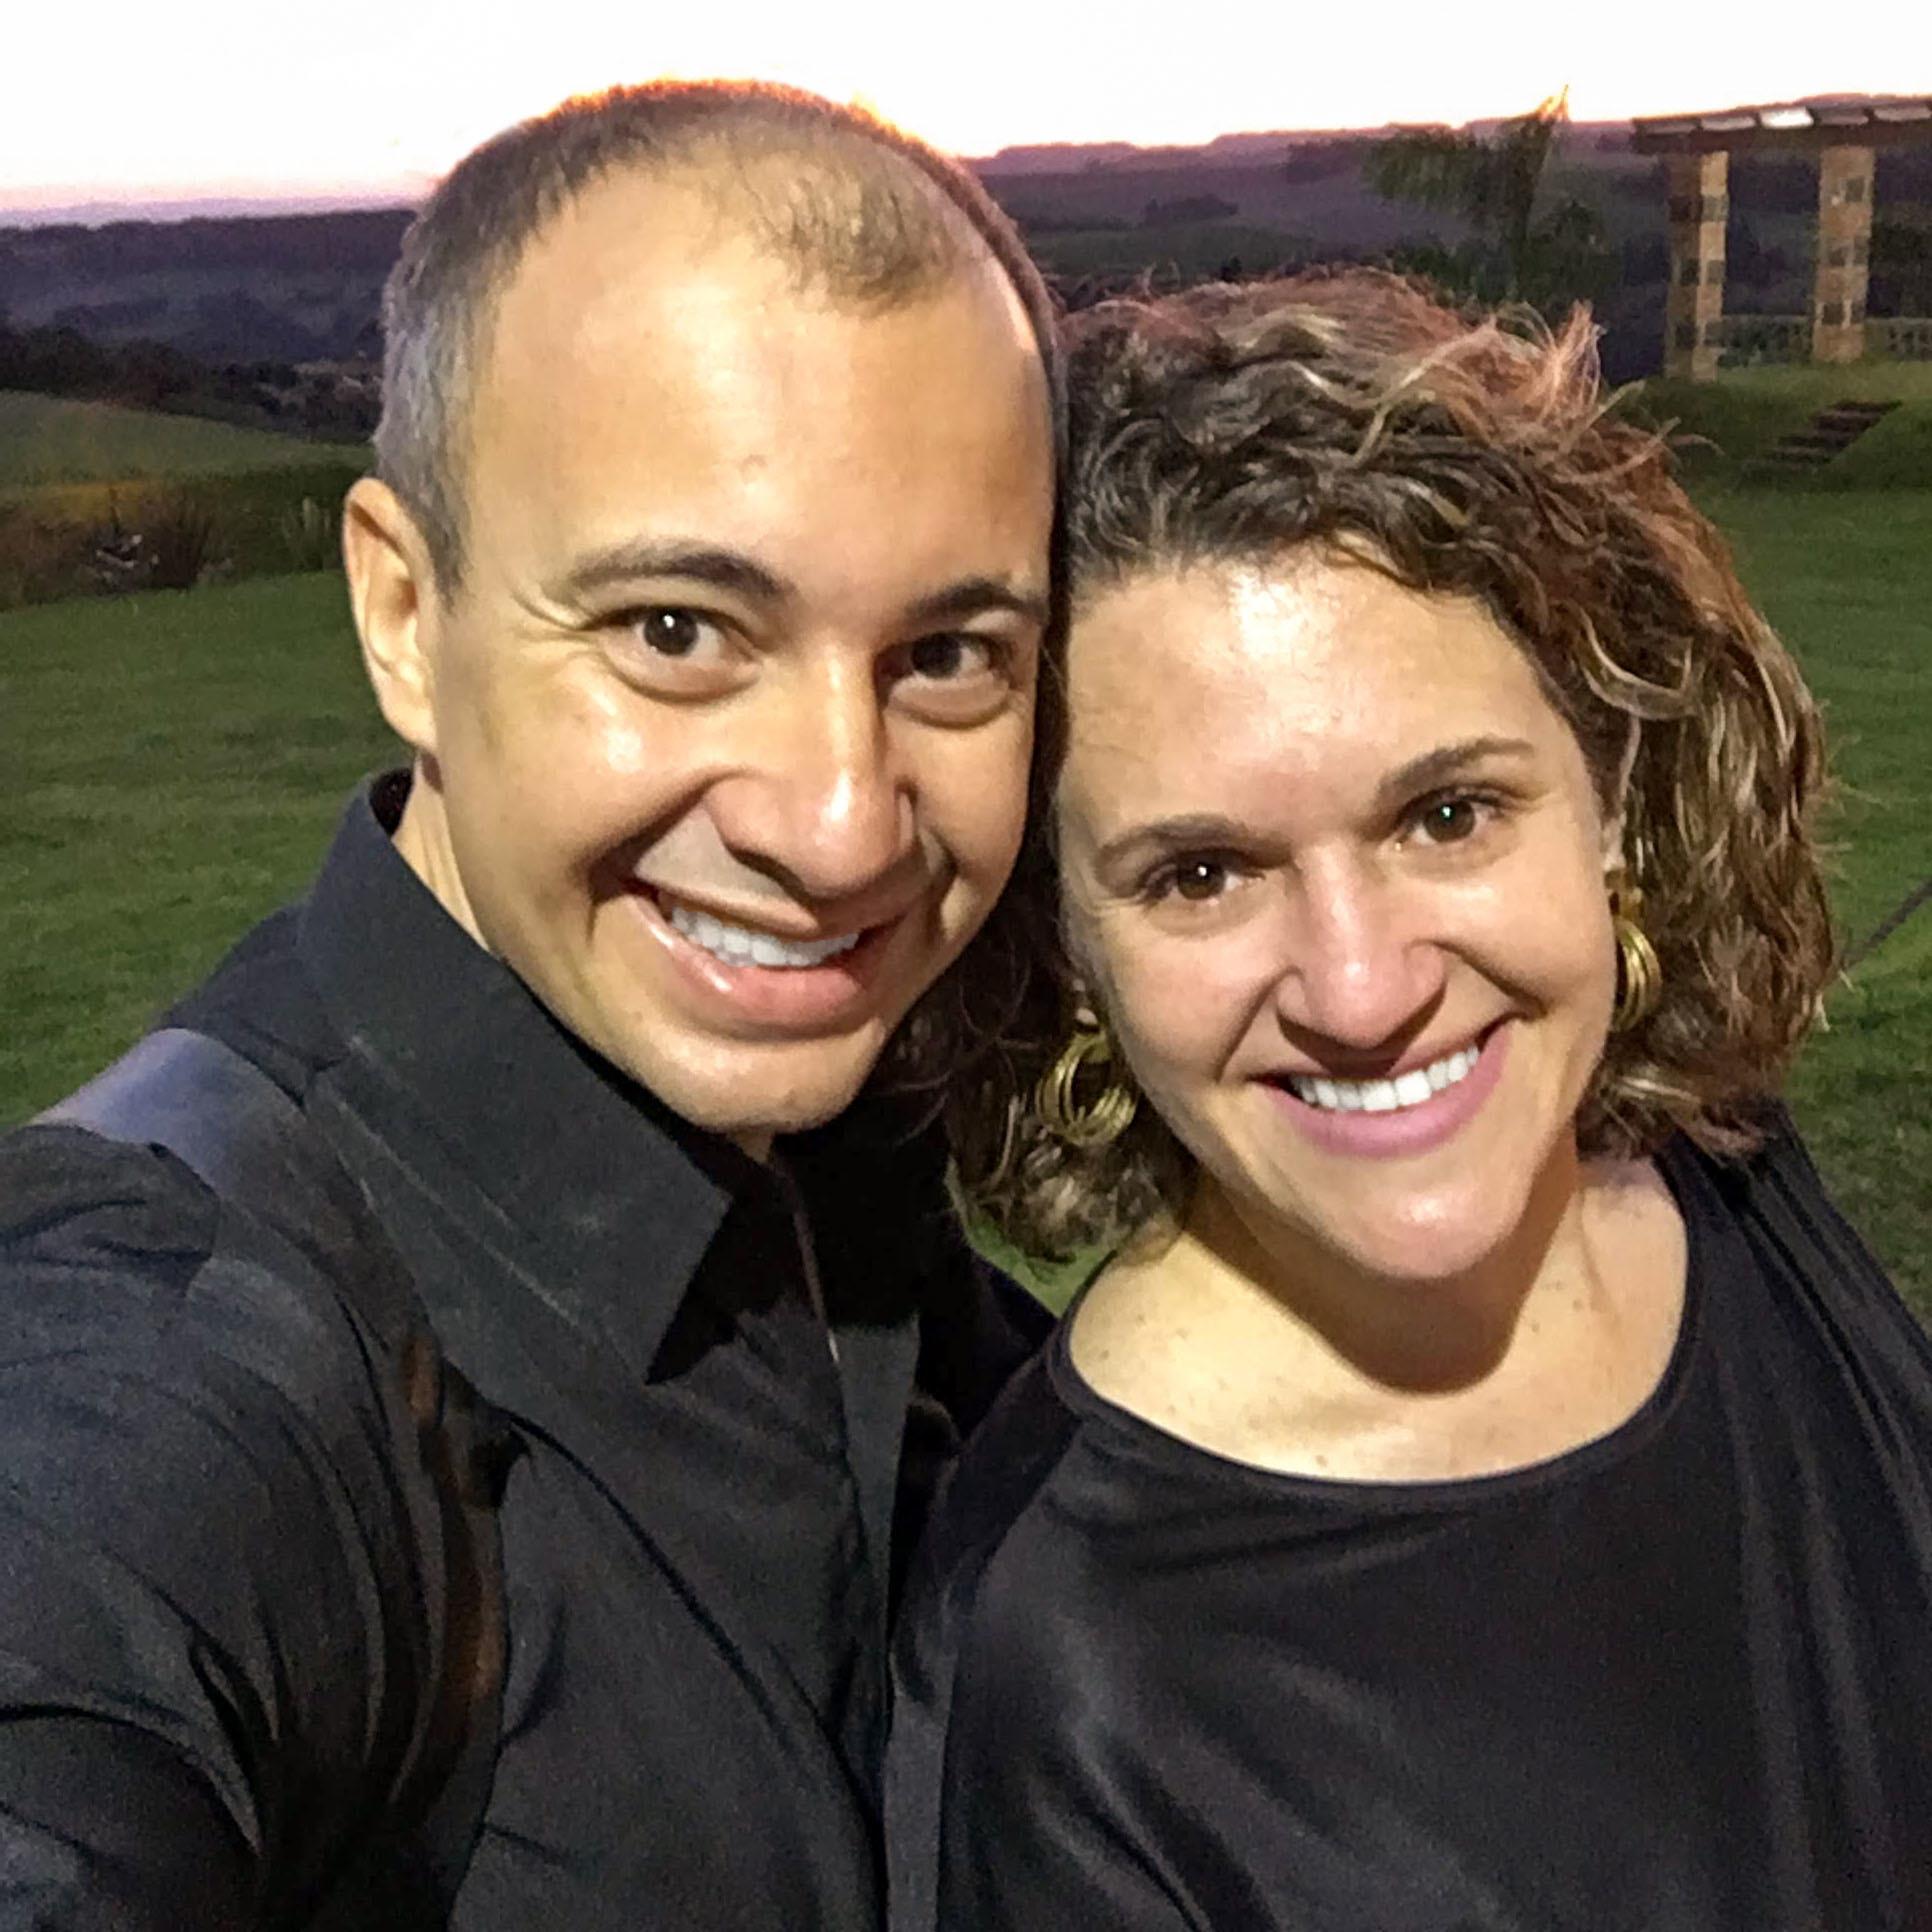 Sobre Katy Tesser - Melhores fotógrafos de casamento do Paraná.